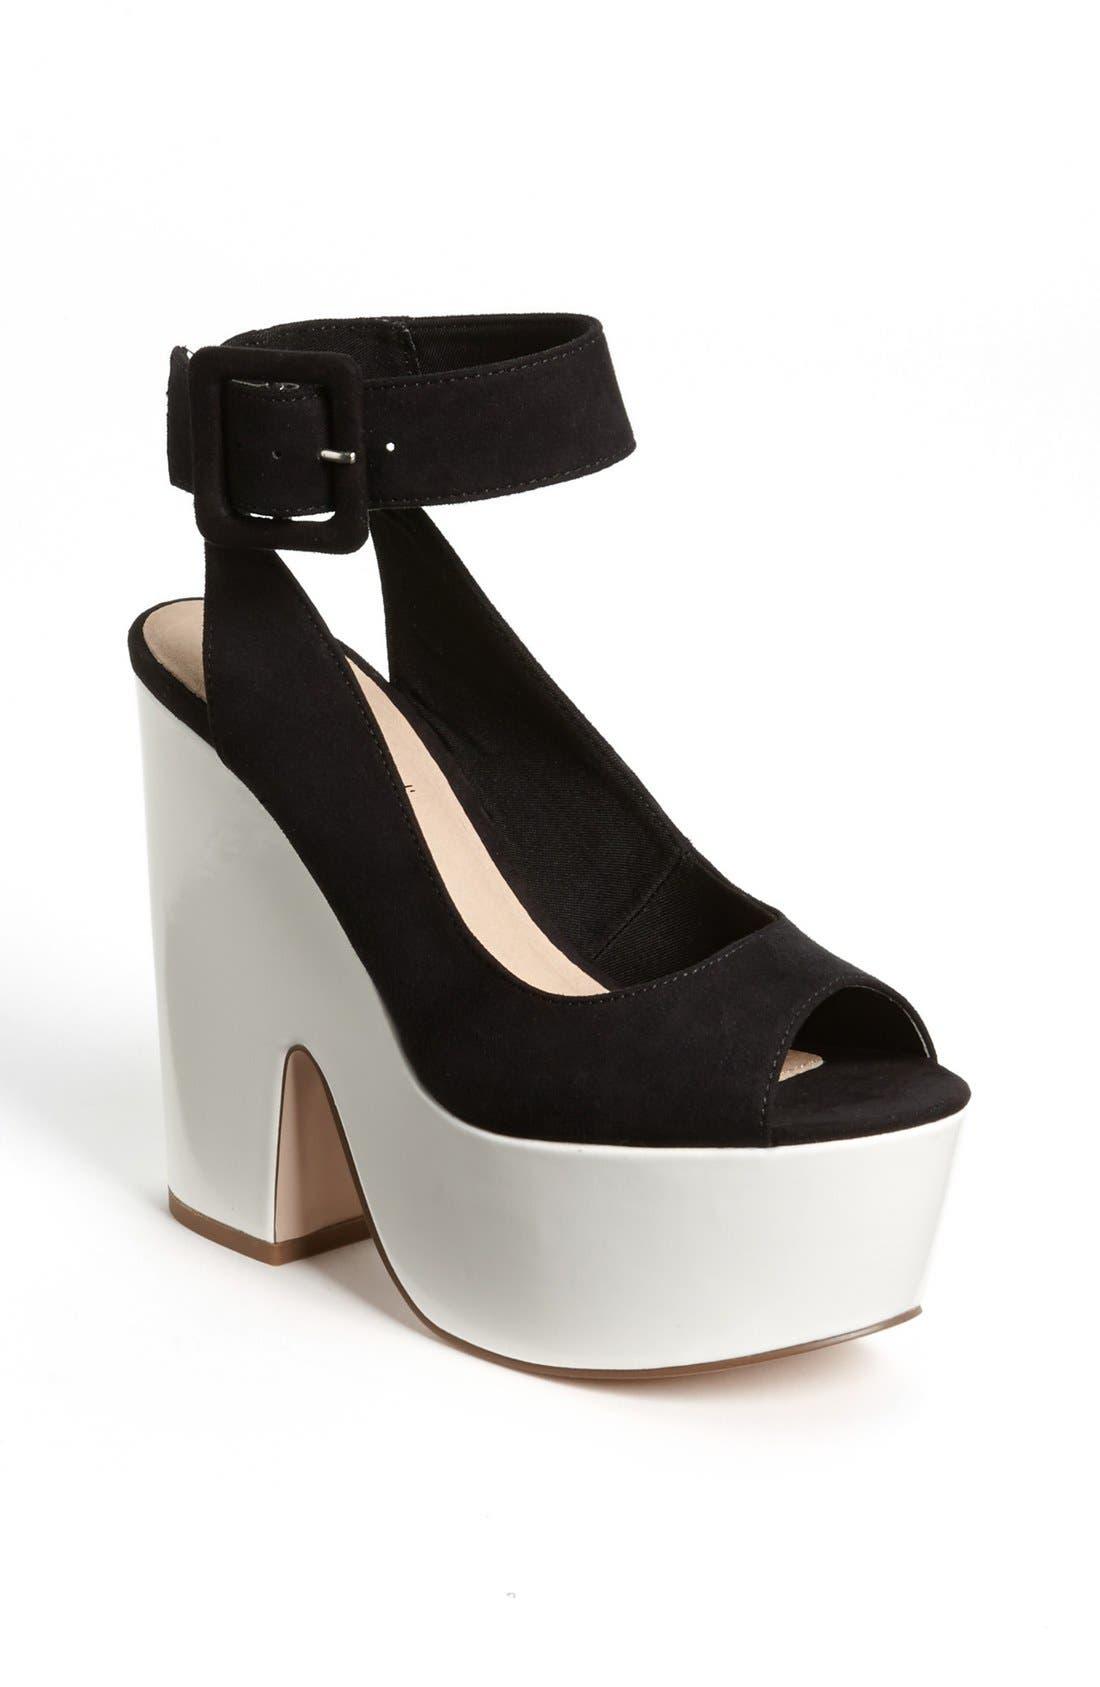 Alternate Image 1 Selected - Topshop 'Star' Ankle Strap Platform Sandal